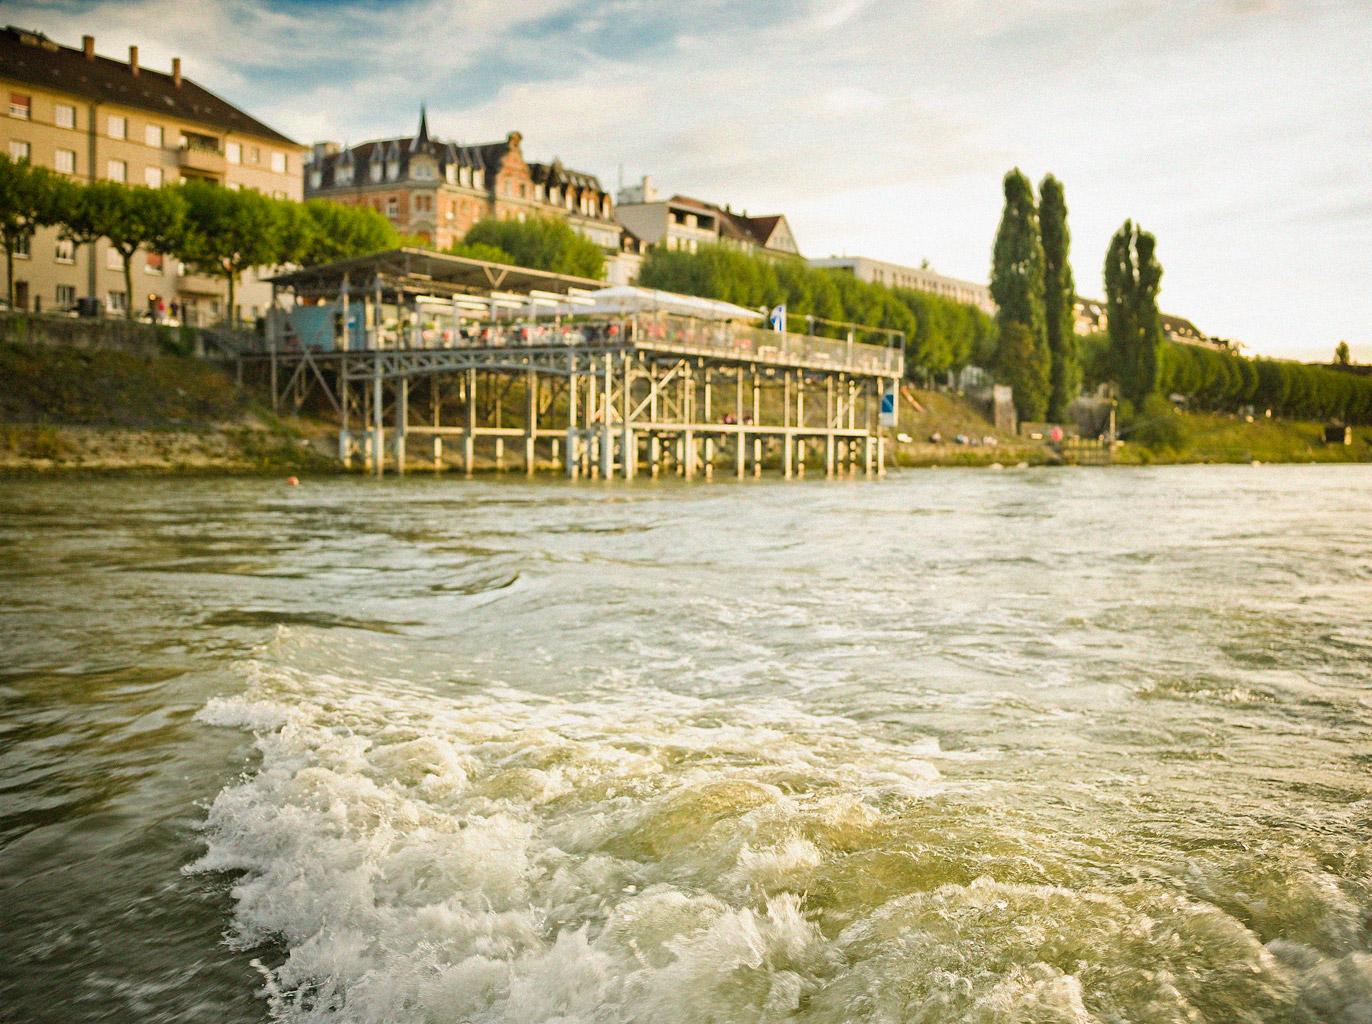 Rheinbad Breite